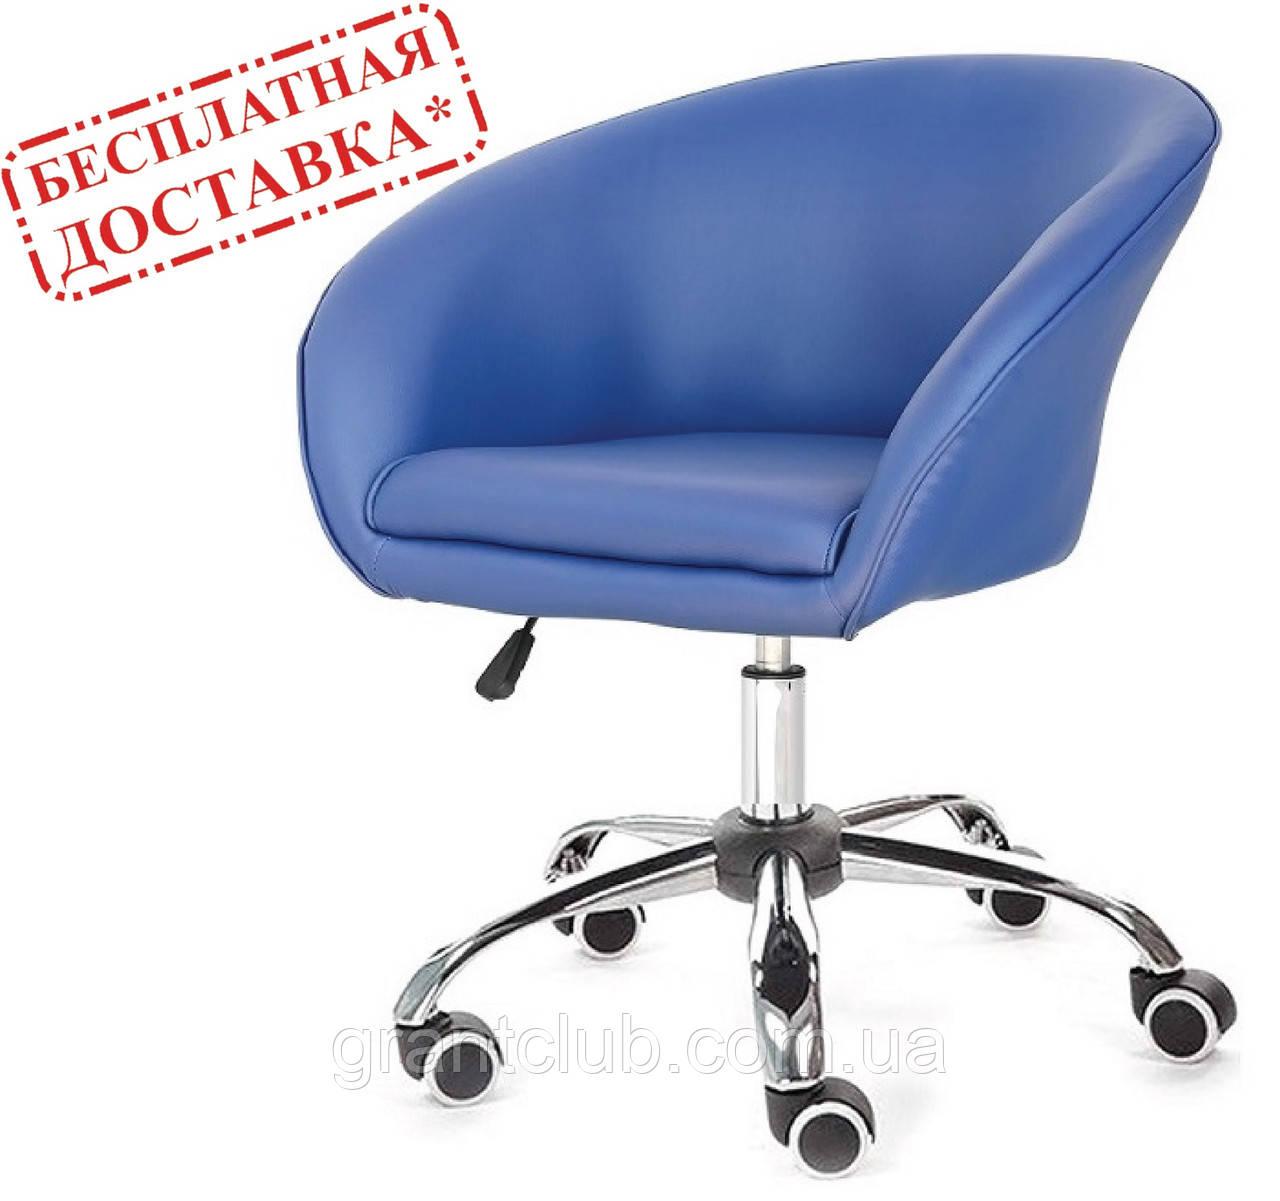 Кресло Мурат К синее экокожа на колесах СДМ группа (бесплатная доставка)